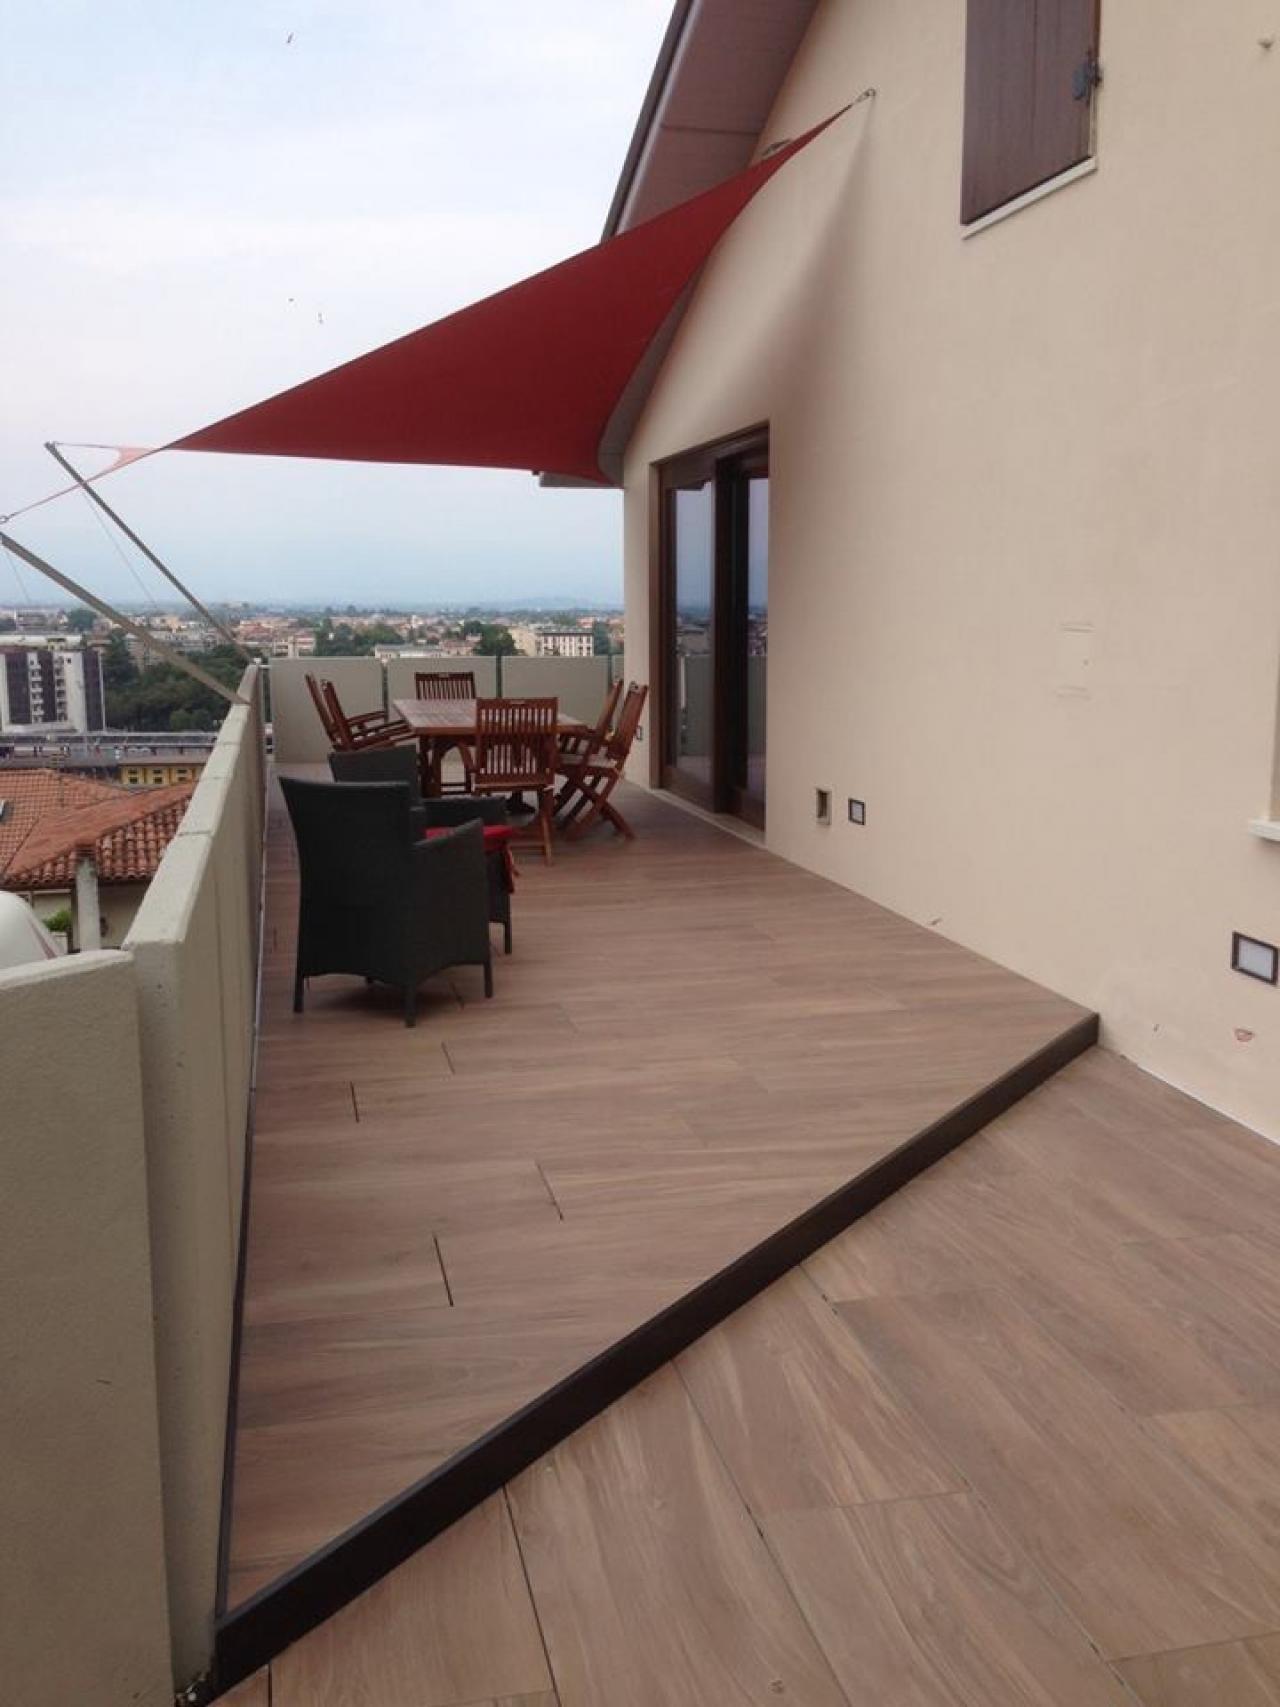 Pavimenti in legno per esterno a vicenza e a verona - Pavimento terrazzo esterno ...